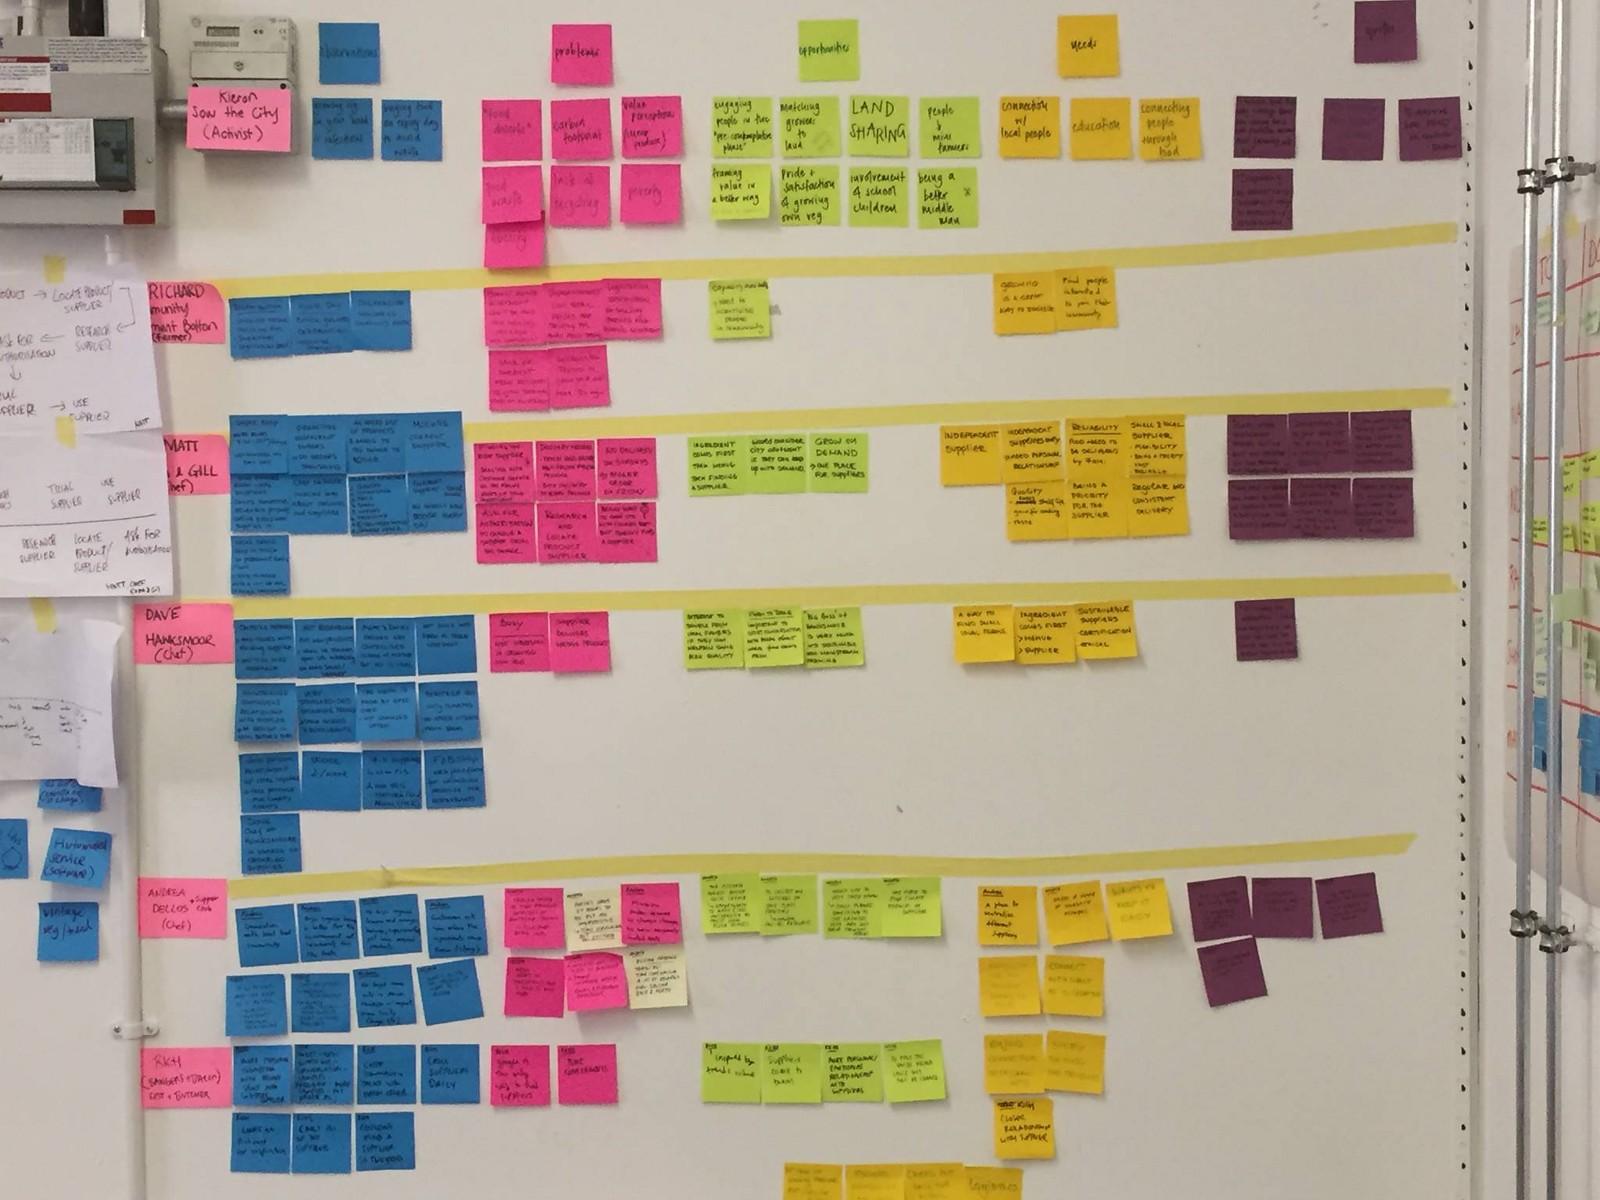 1 YaHk3HZuwZo3CYvV2Yjg9g - دیاگرام وابستگی تسهیلگر فرآیند مدیریت محصول